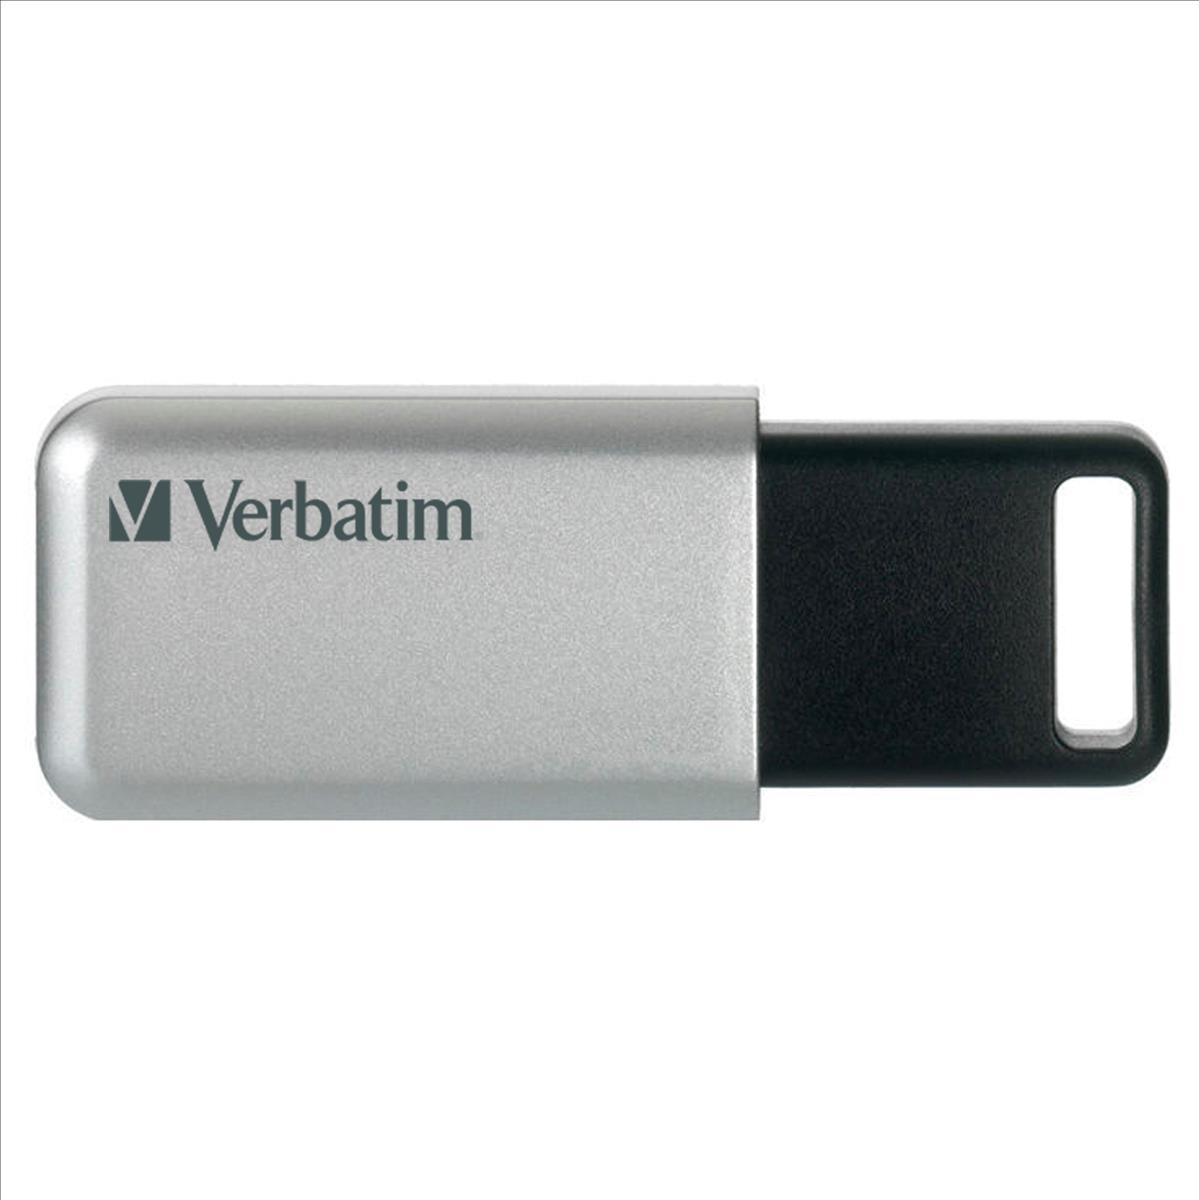 Verbatim Secure Pro USB 3.0 Drive 32GB